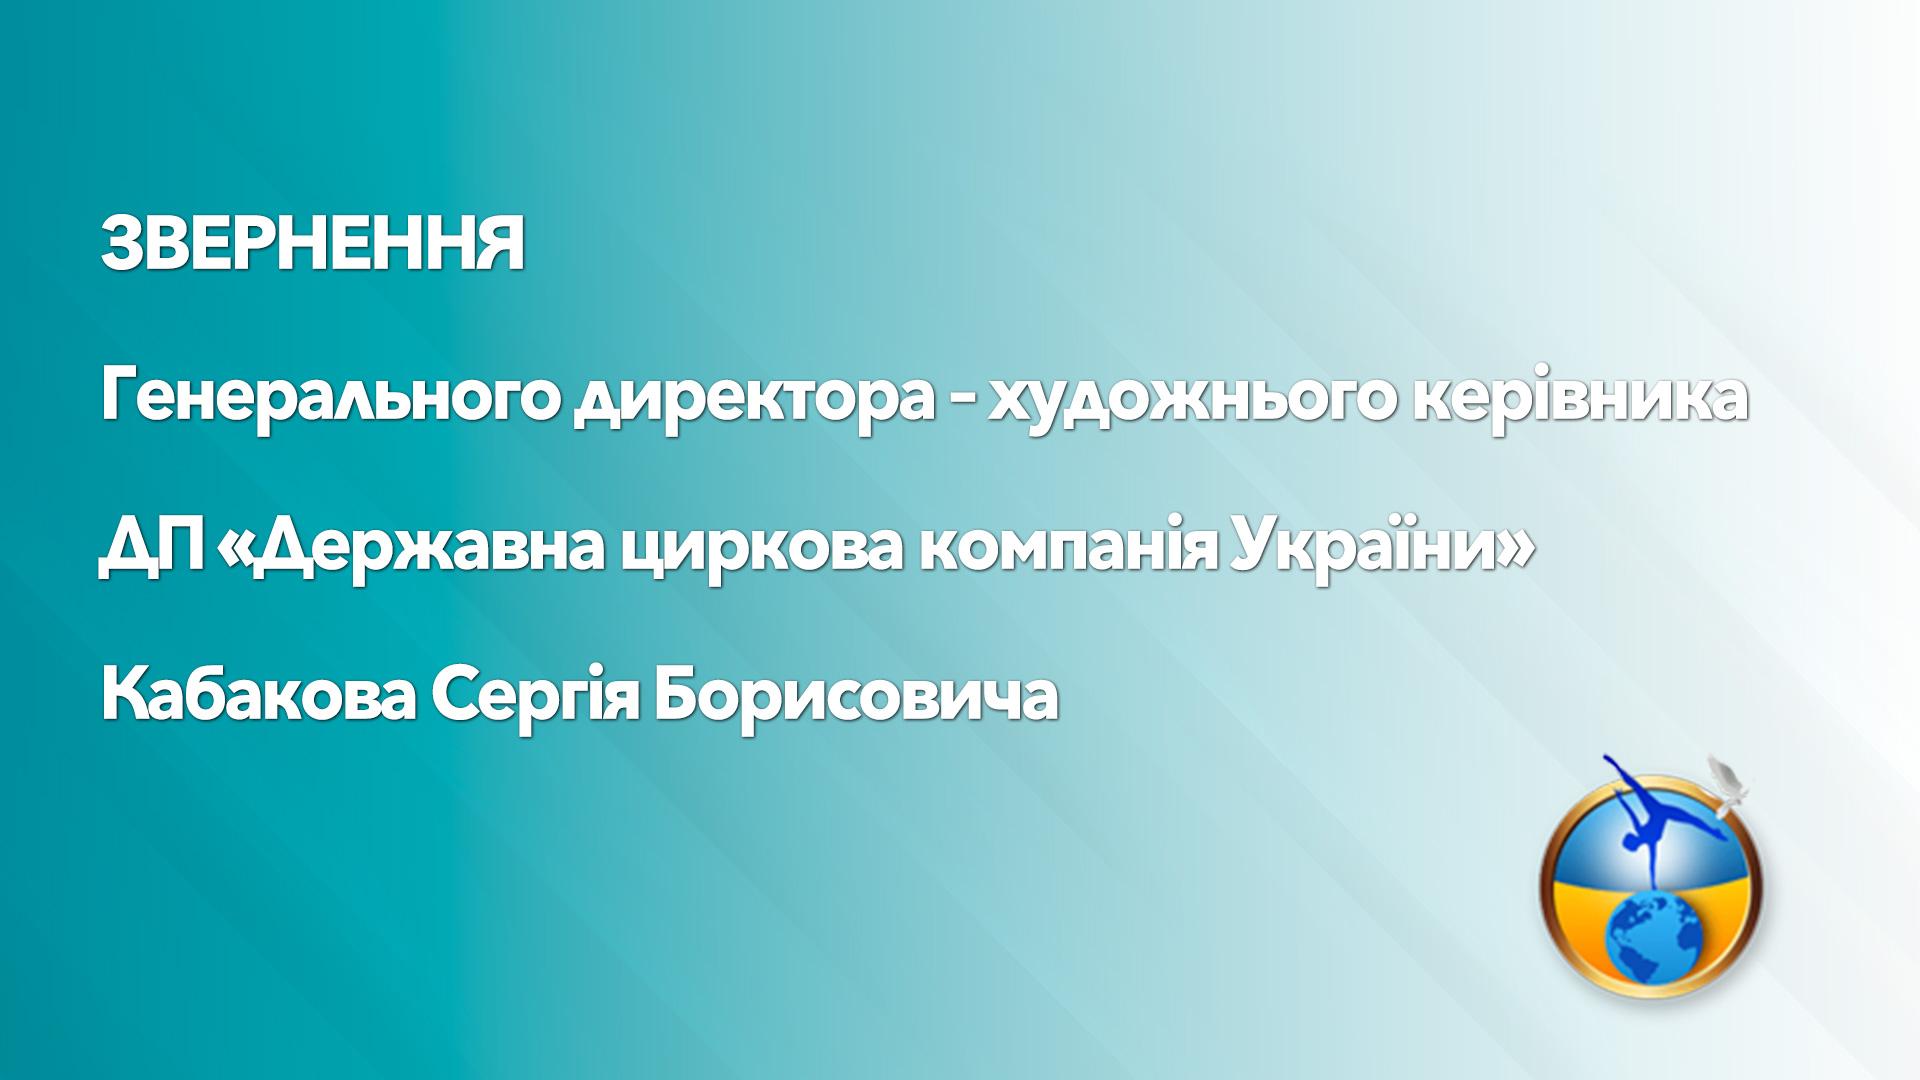 Звернення Генерального директора-художнього керівника, Кабакова Сергія Борисовича